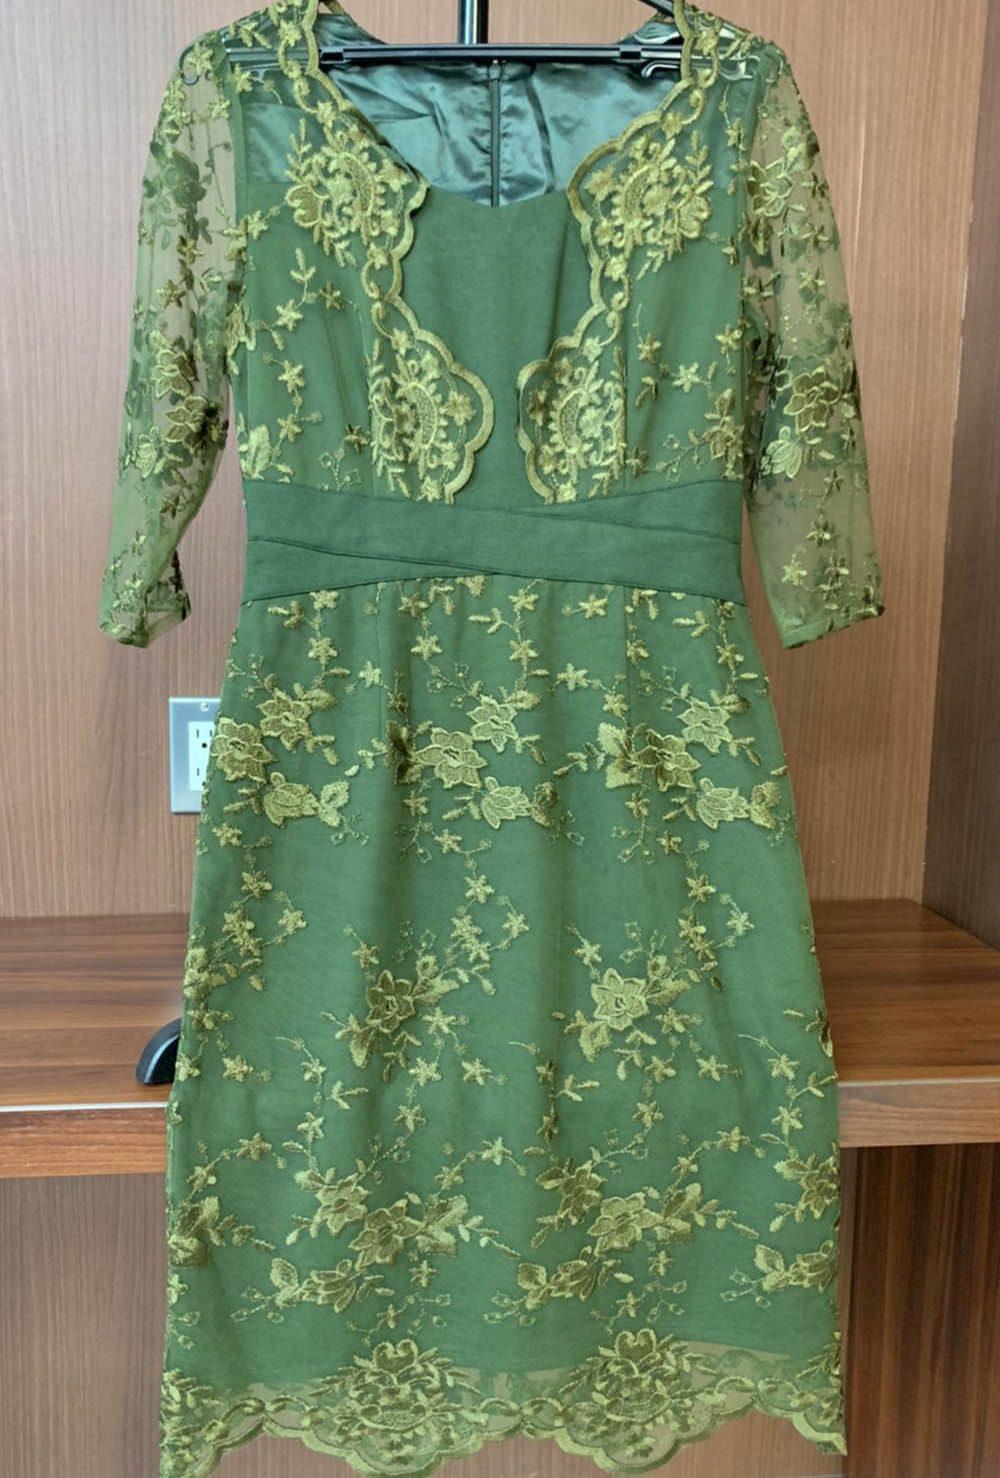 若草を思わせるさわやかなグリーンのドレス